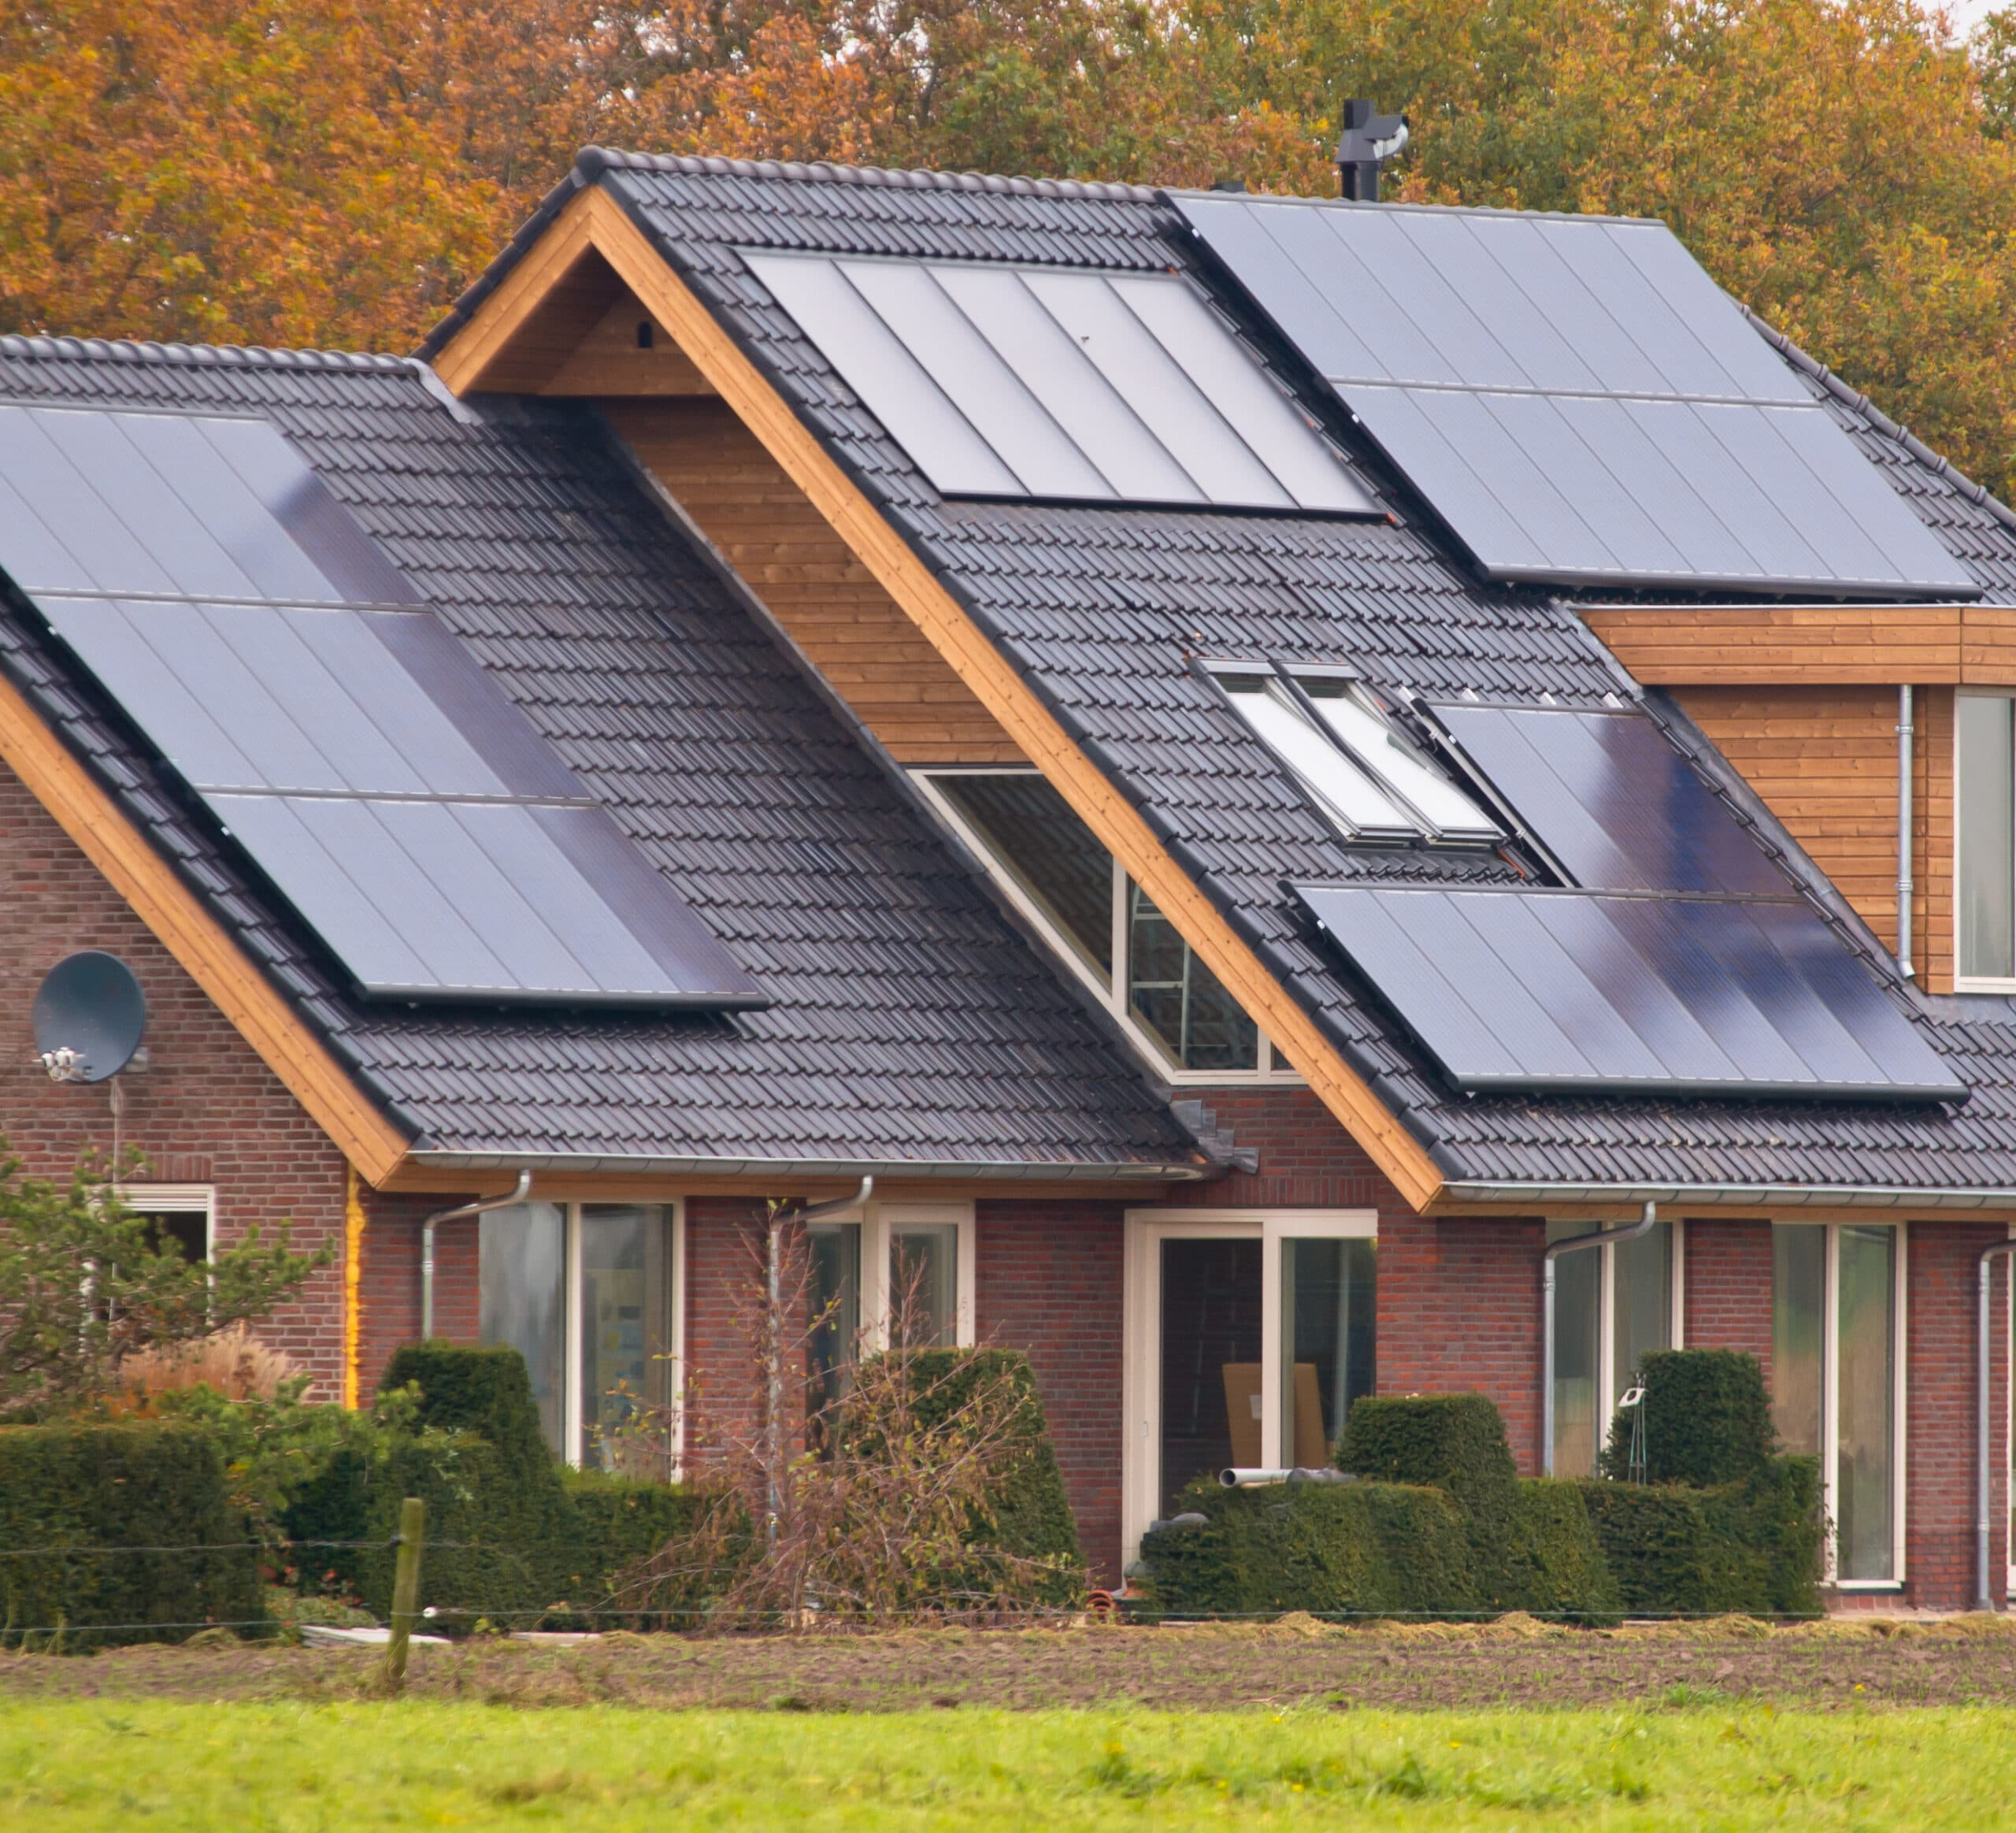 Home solar energy